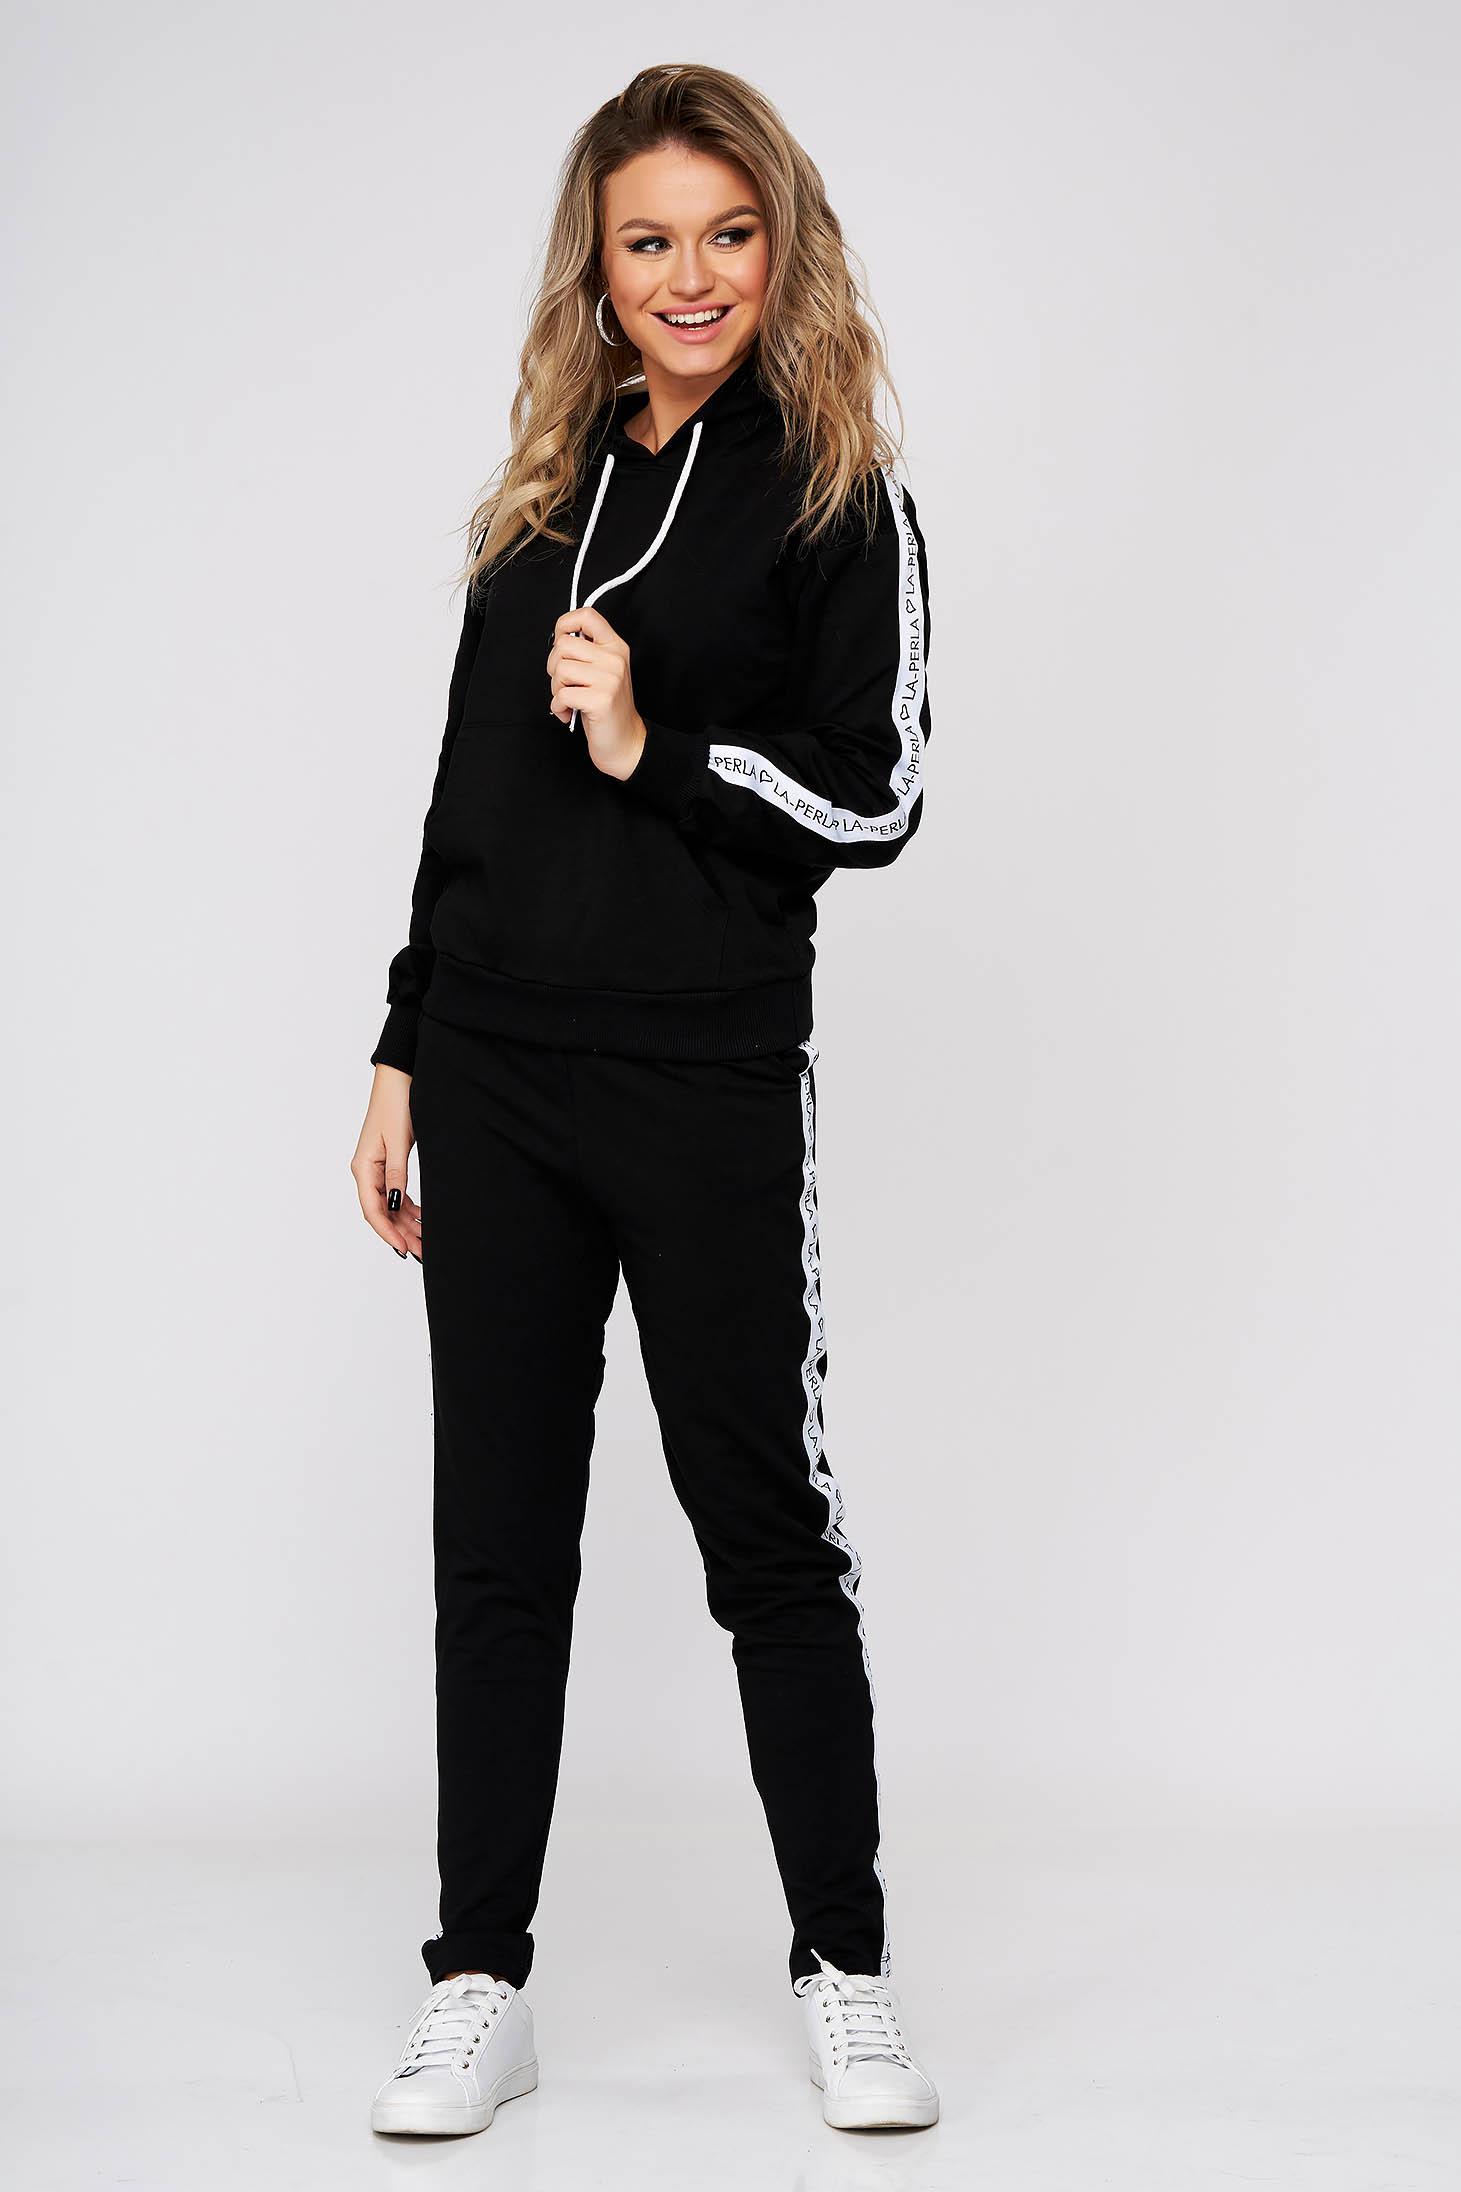 Fekete casual kétrészes nadrágos sportos szettek enyhén elasztikus pamut